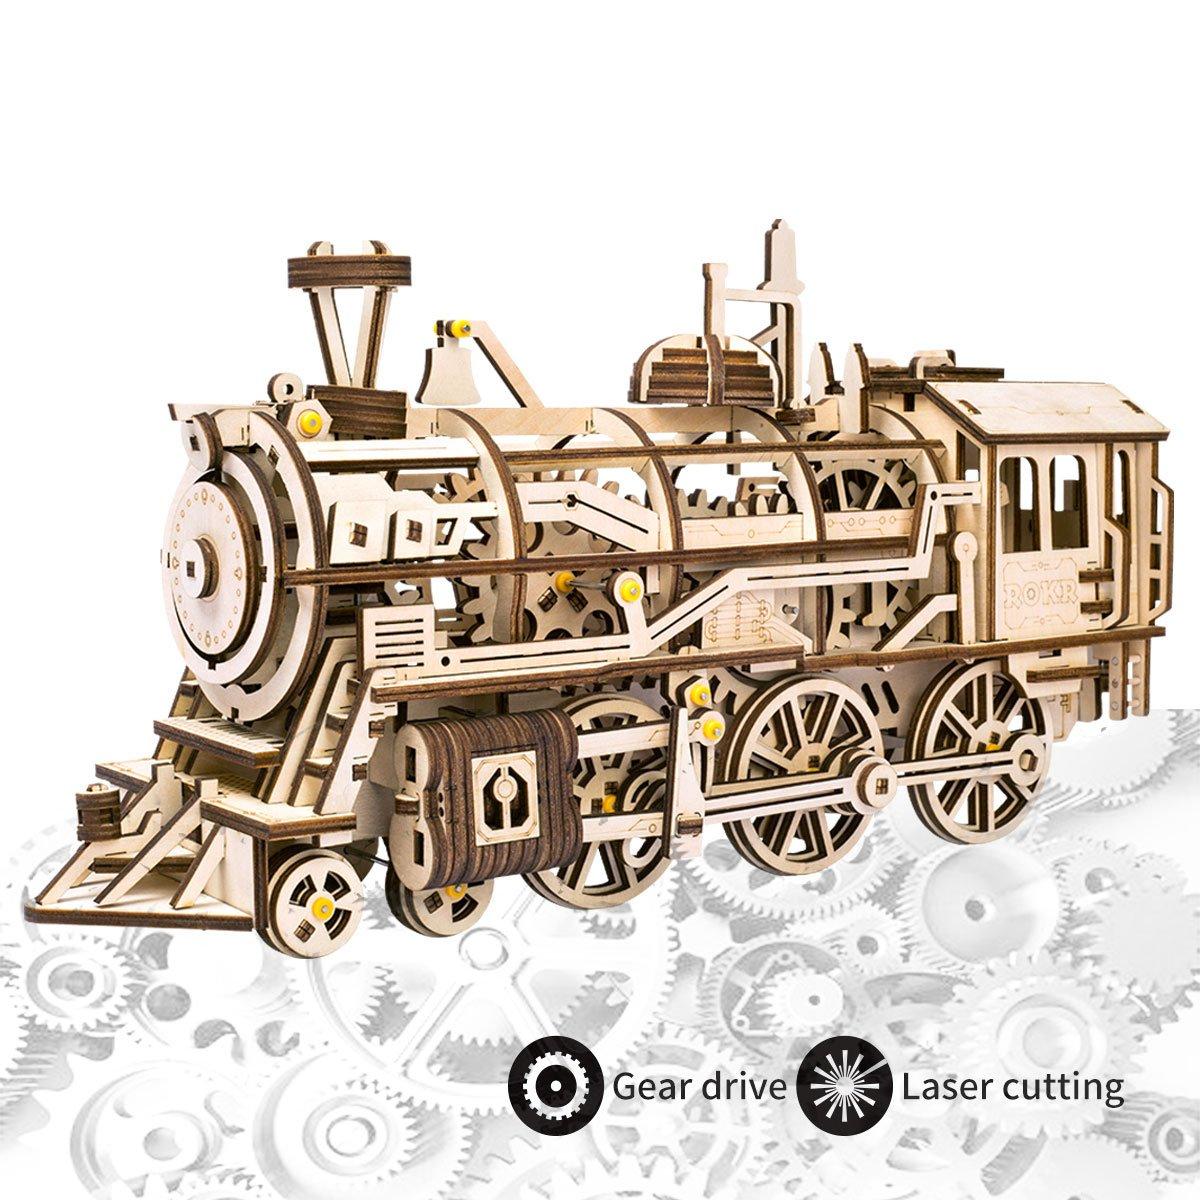 ROKR Laserschnitt Holzpuzzle mit Getriebe 3D Roboter Spielzeug Erwachsene Modell Kits zu Gebä ude Kinder oder Erwachsene (Air Vehicle) ROBOTIME